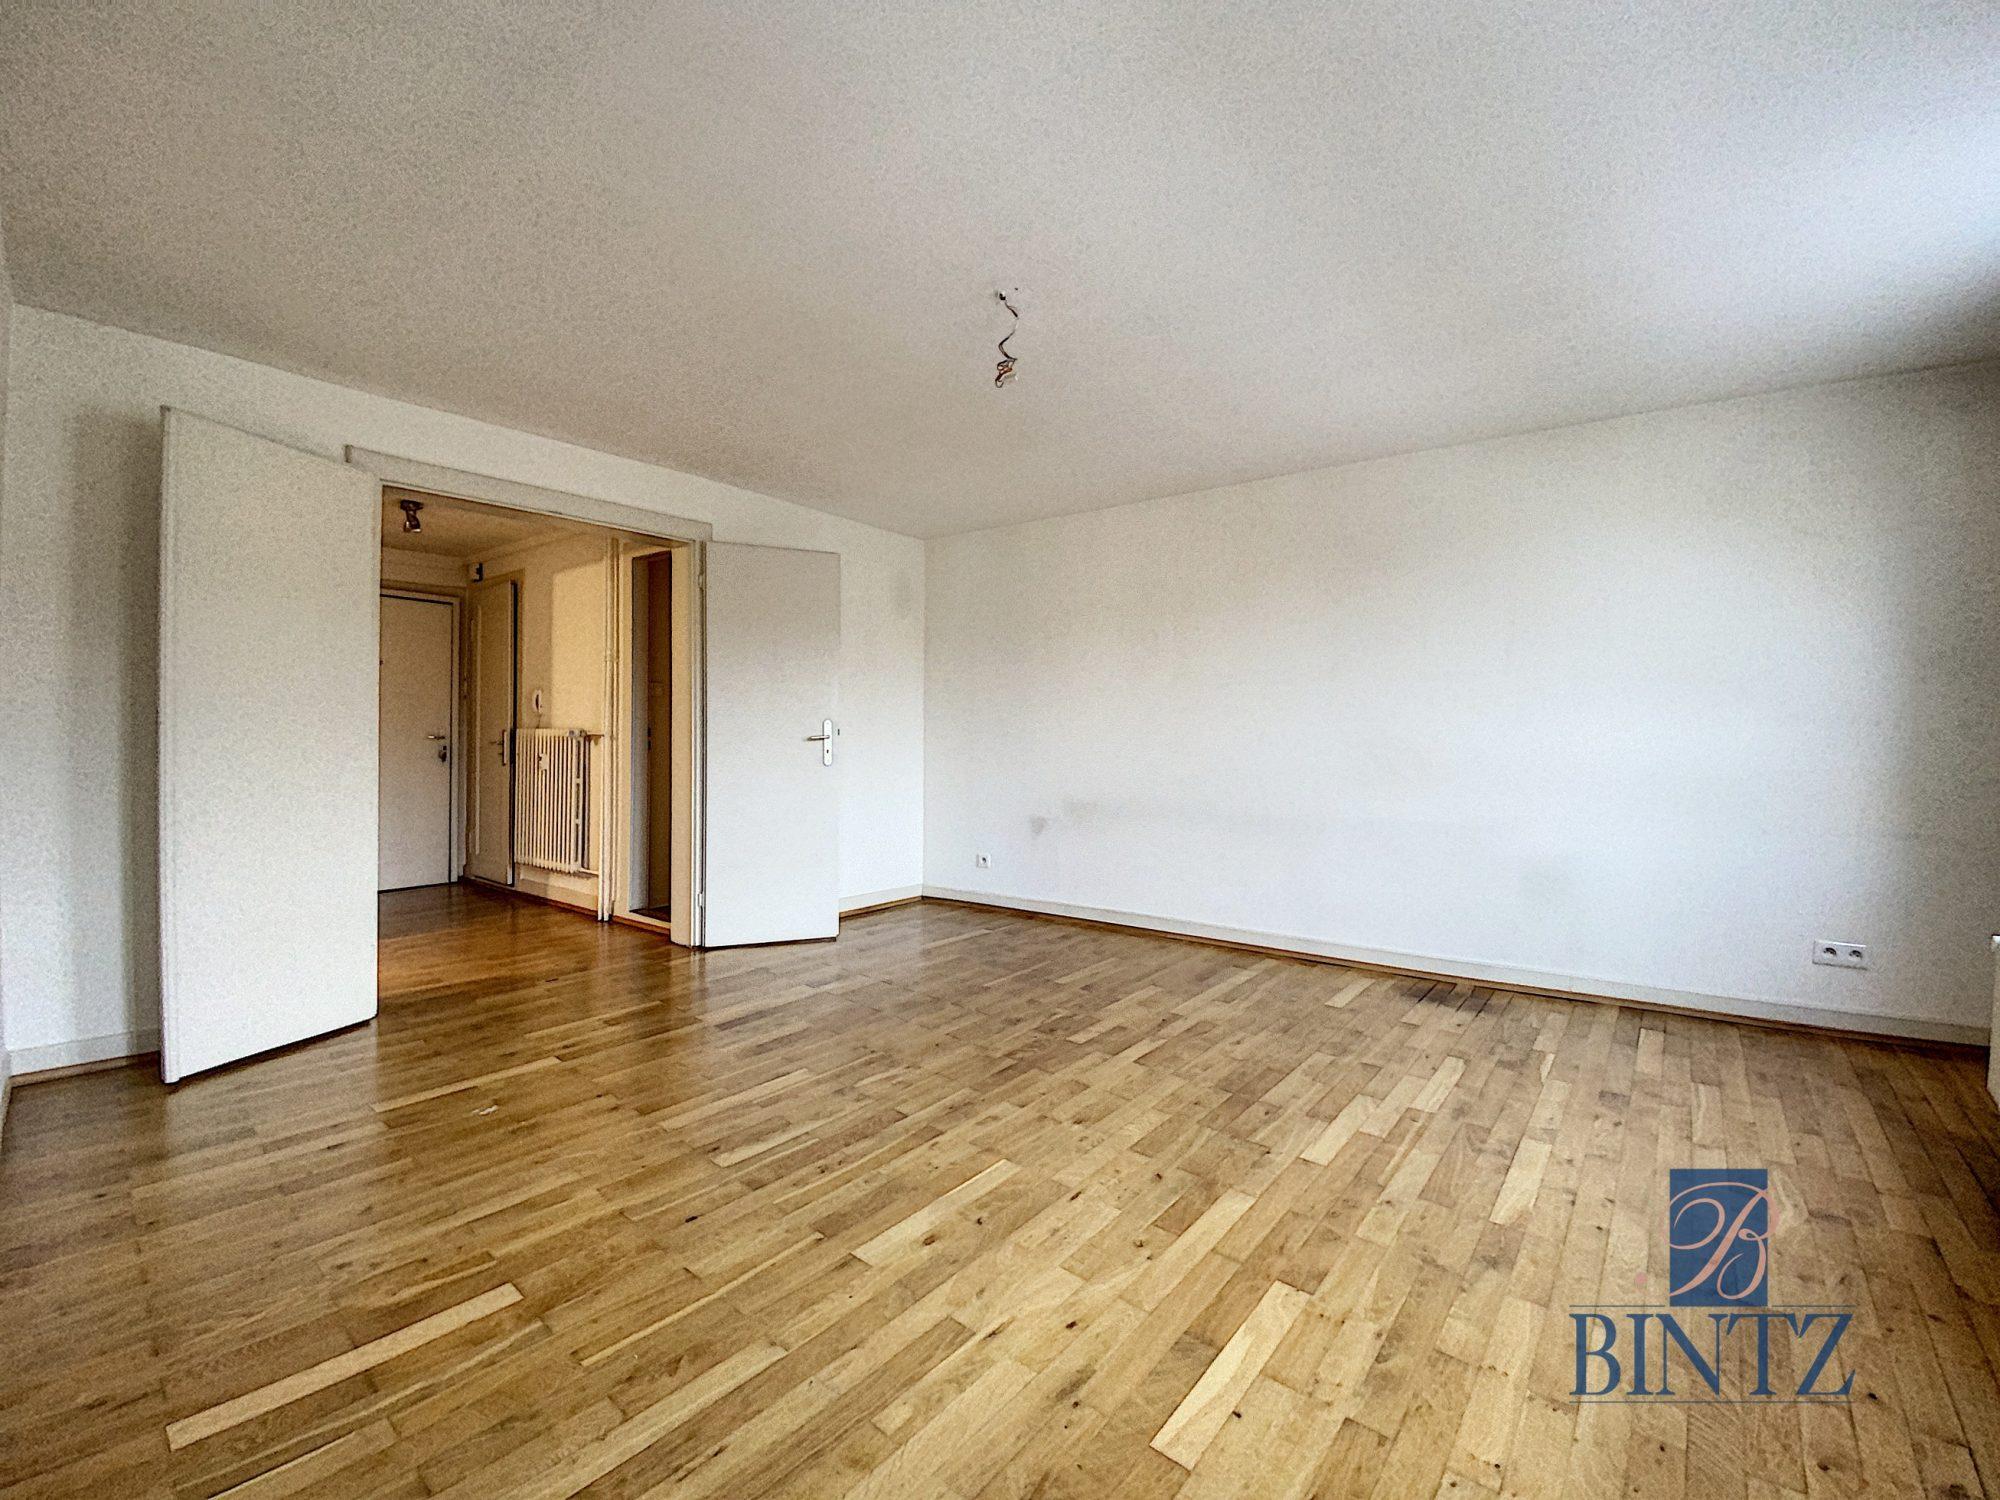 3 PIÈCES HYPERCENTRE - Devenez locataire en toute sérénité - Bintz Immobilier - 11